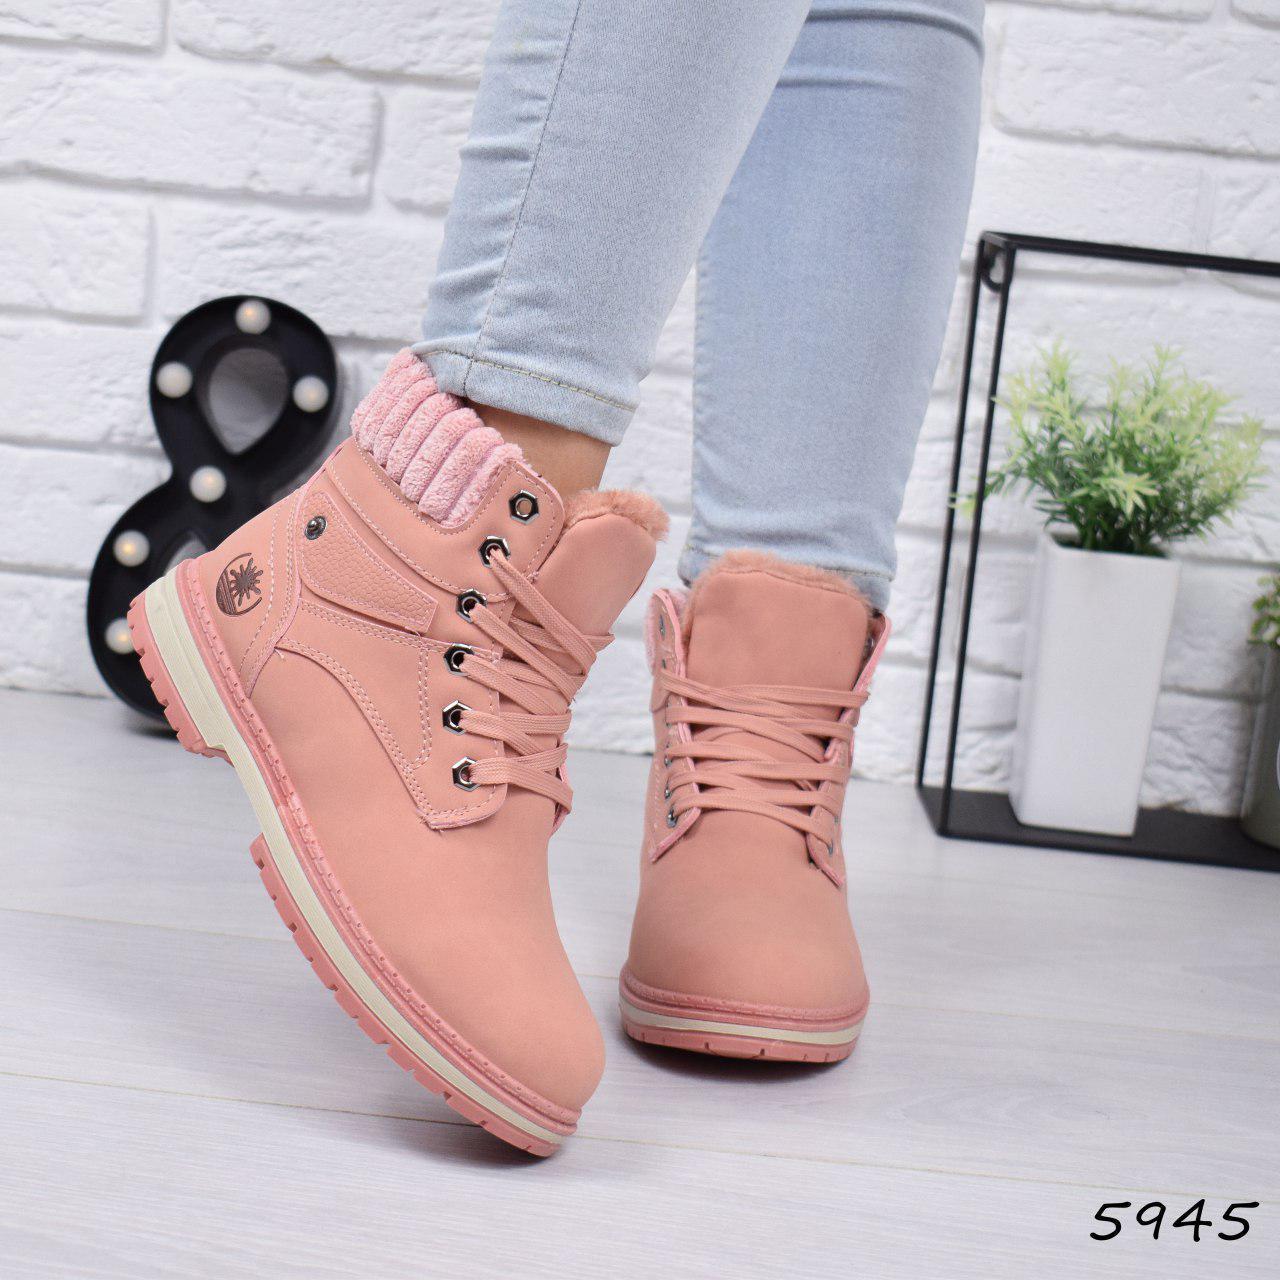 """Ботинки, ботильоны пудровые ЗИМА """"Combers"""" эко замша, повседневная, зимняя, теплая, женская обувь"""